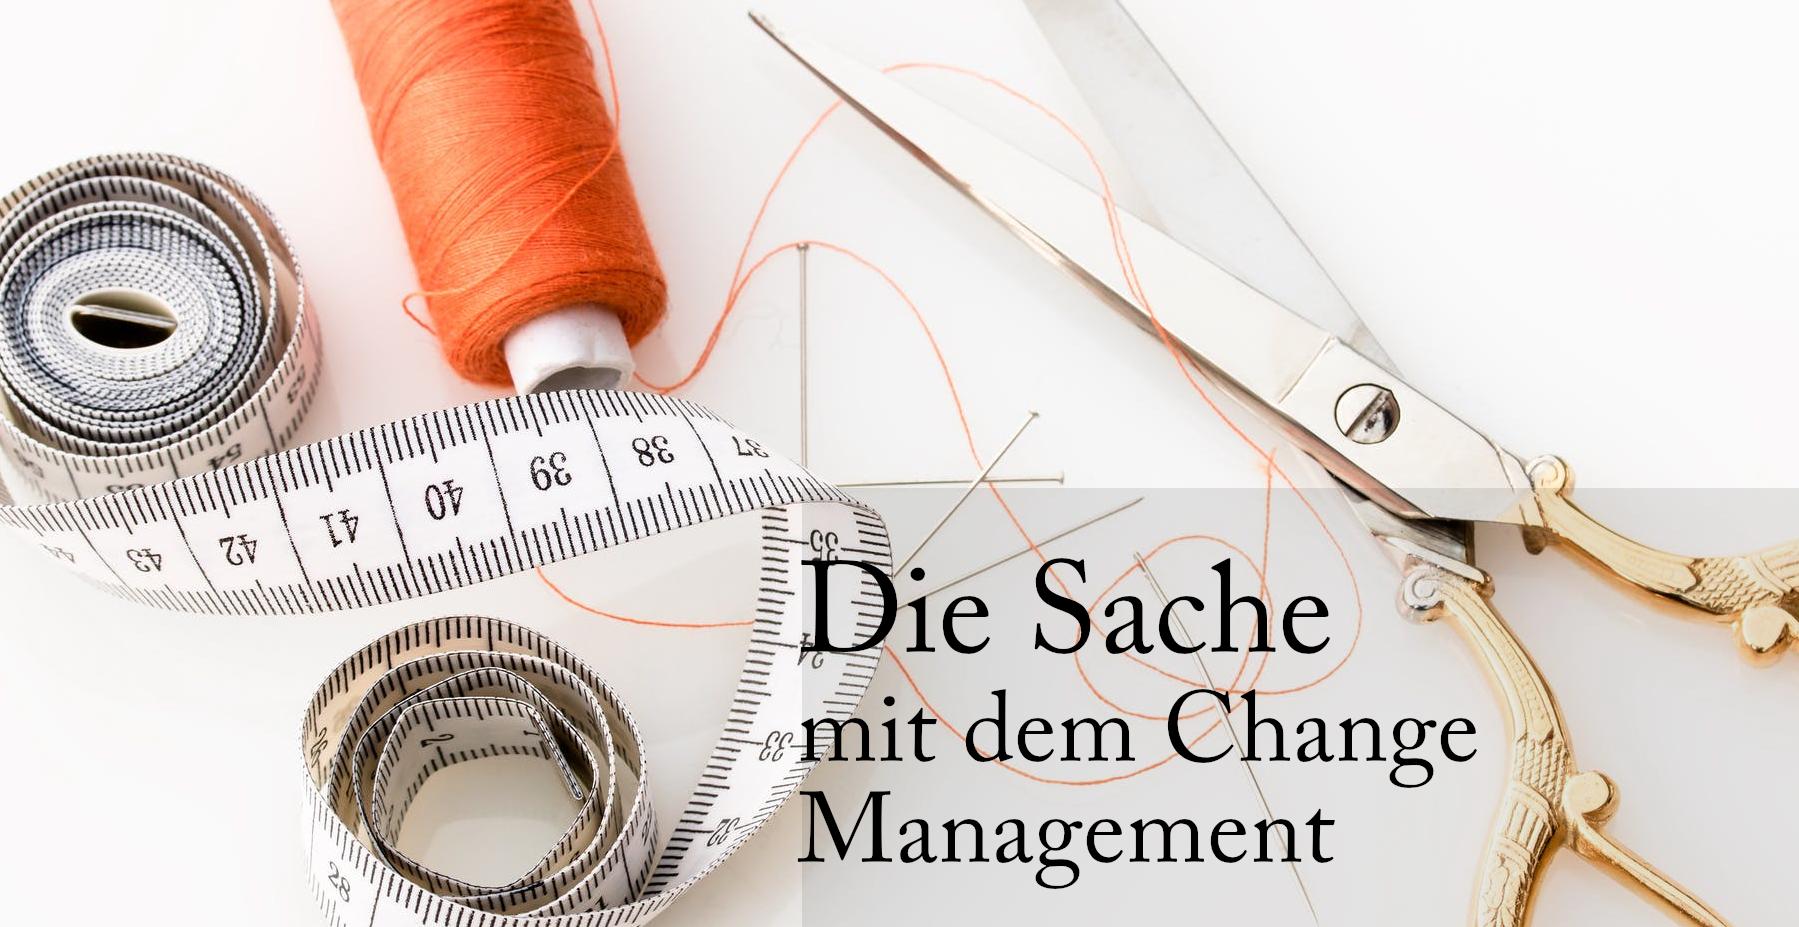 Change Management hängt von vielen Faktoren ab, die wir gar nicht im Blick haben. Bild: Pexels.com